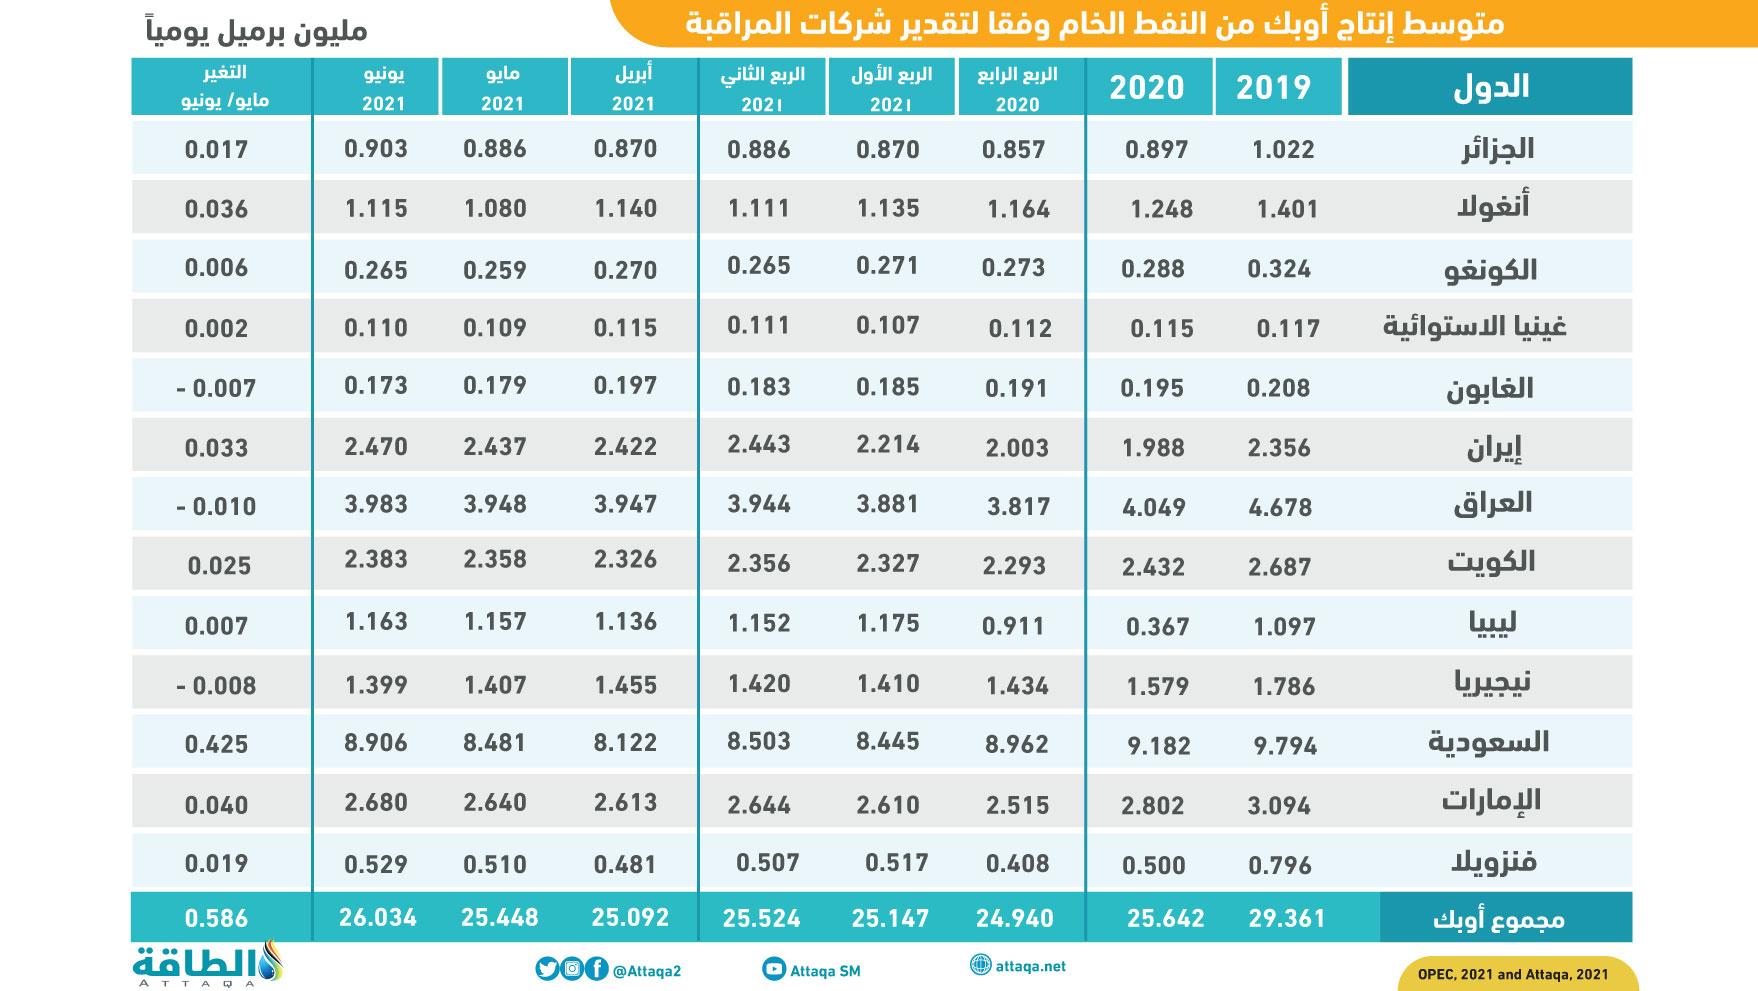 متوسط إنتاج أوبك من النفط الخام